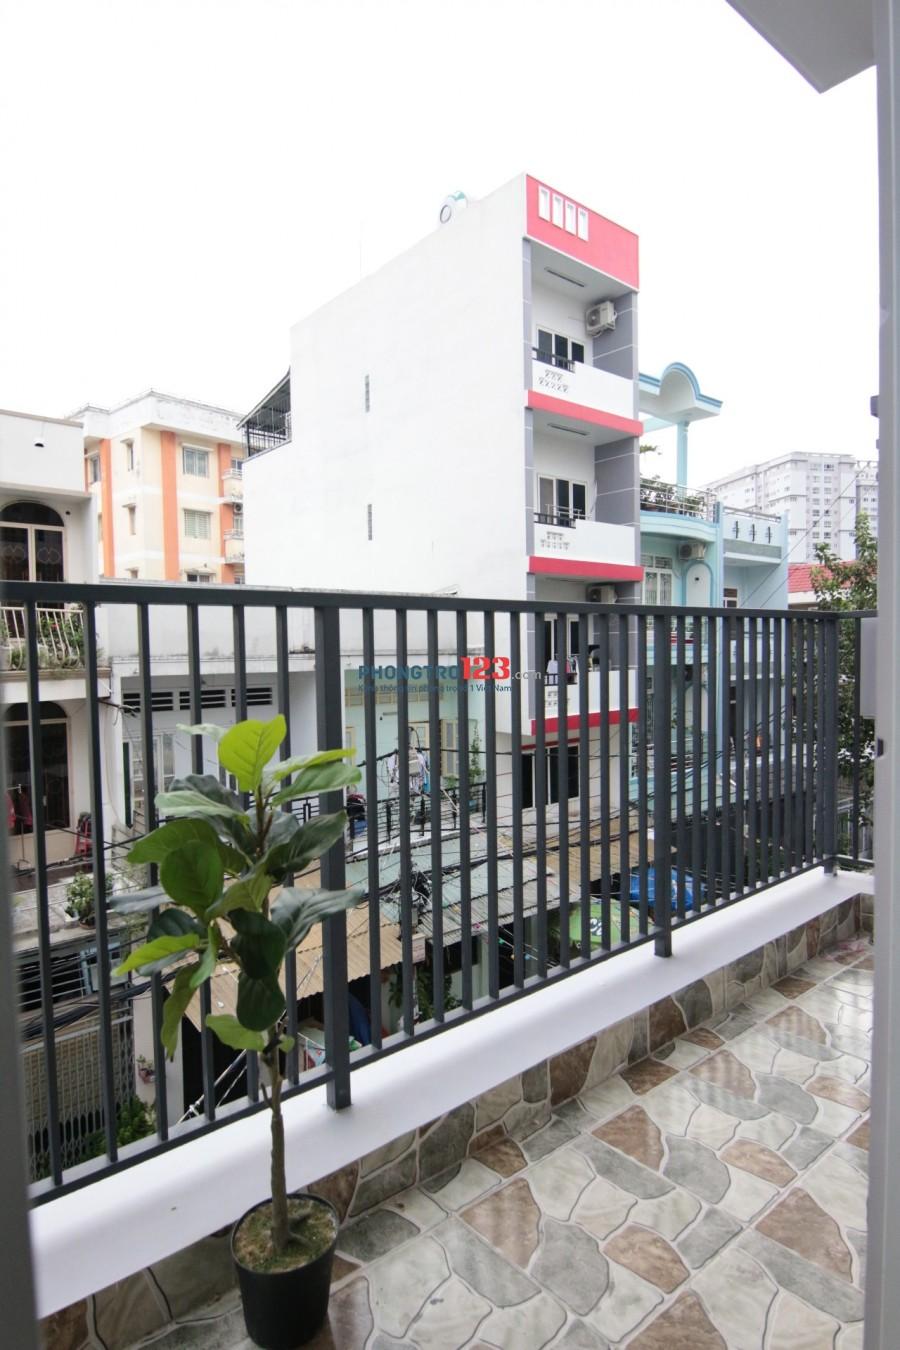 Căn hộ STUDIO cao cấp, Ban công rộng, cửa sổ thoáng - trung tâm Bình Thạnh